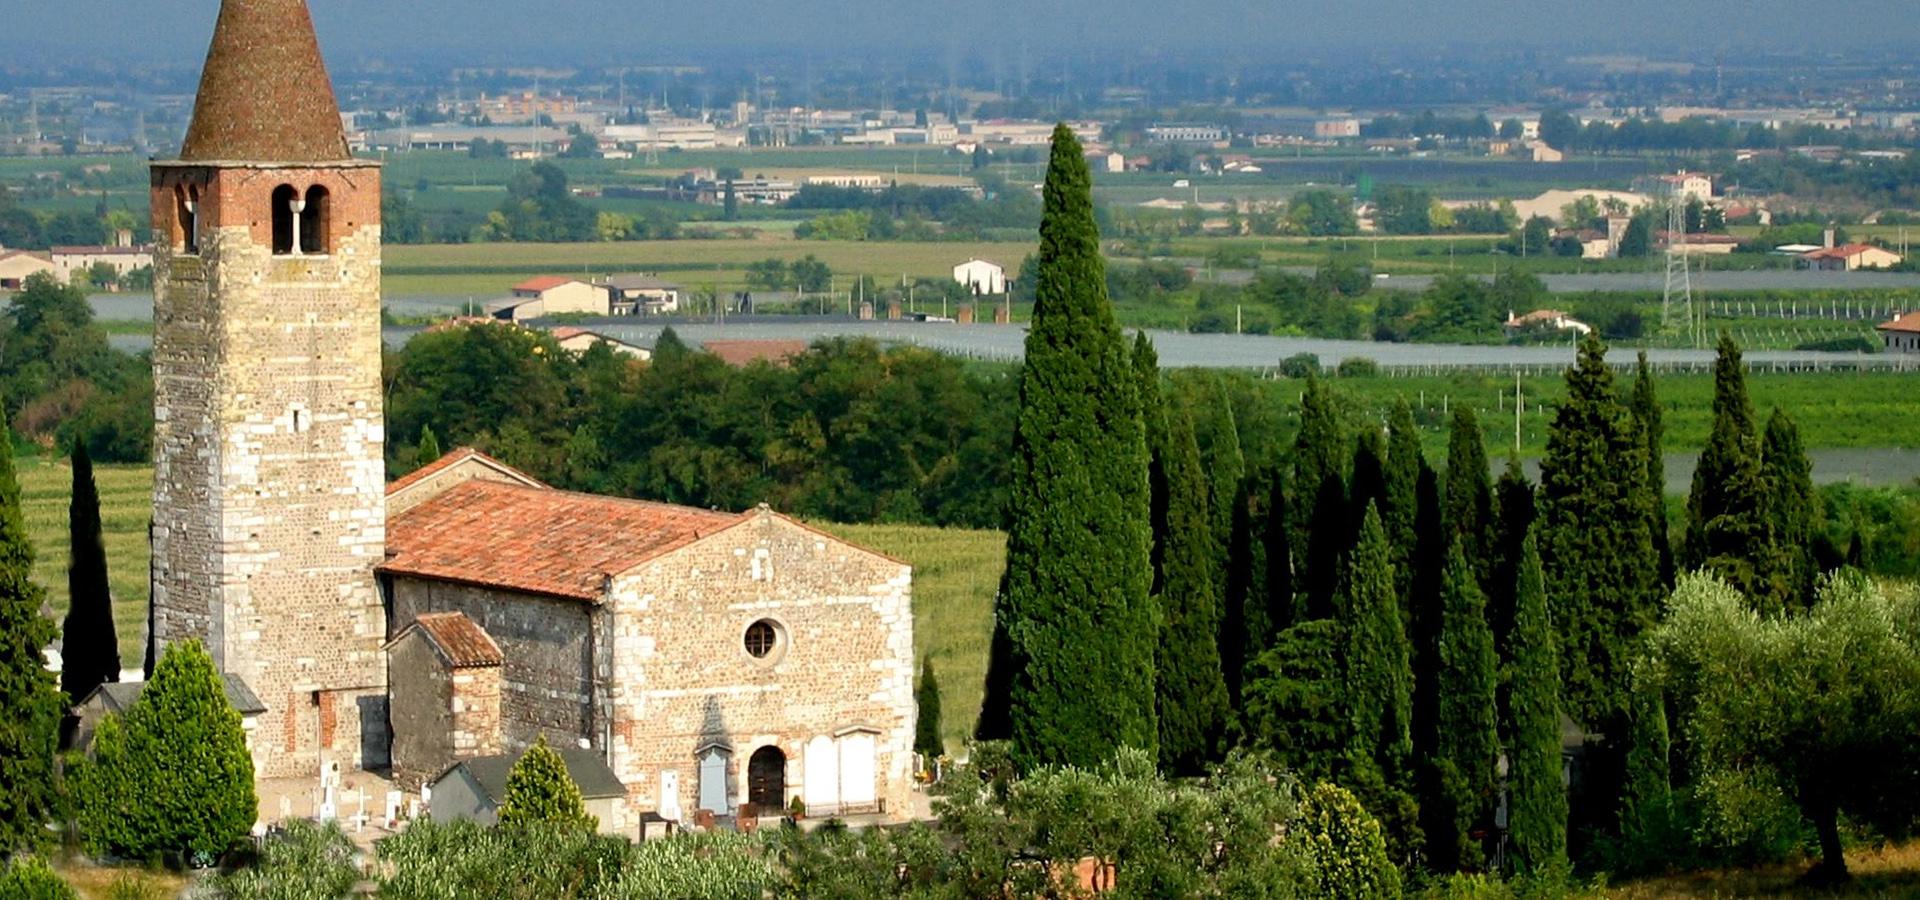 Romanische Pieve di Santa Giustina in Palazzolo